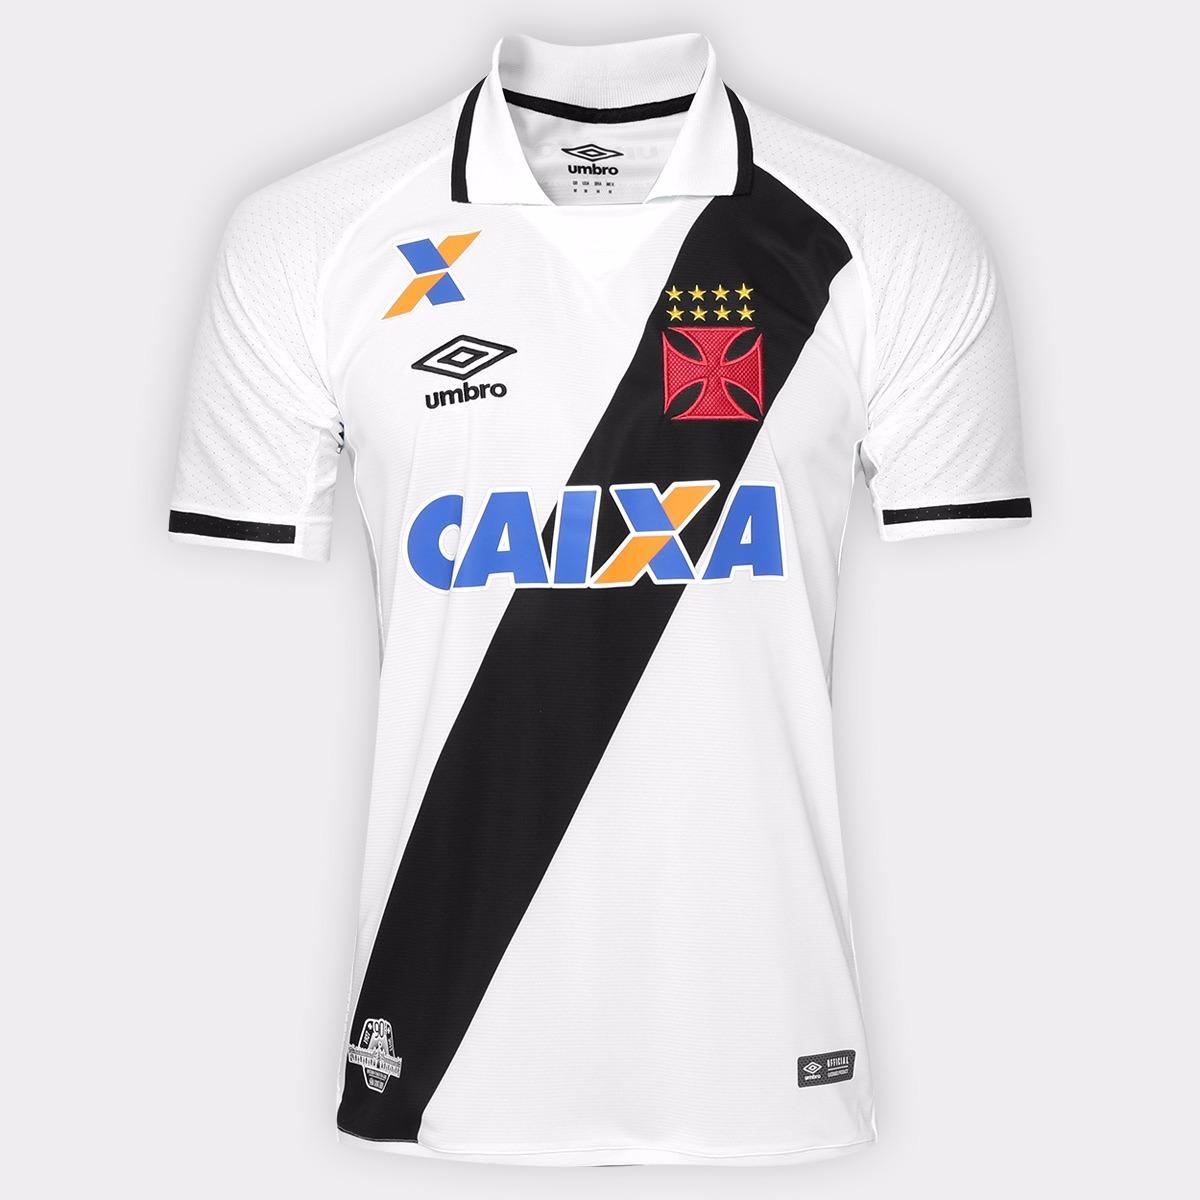 Camisa Do Vasco Nova Cinza Preta Branca Lançamento Futebol - R  89 ... 1d1162d8c5627